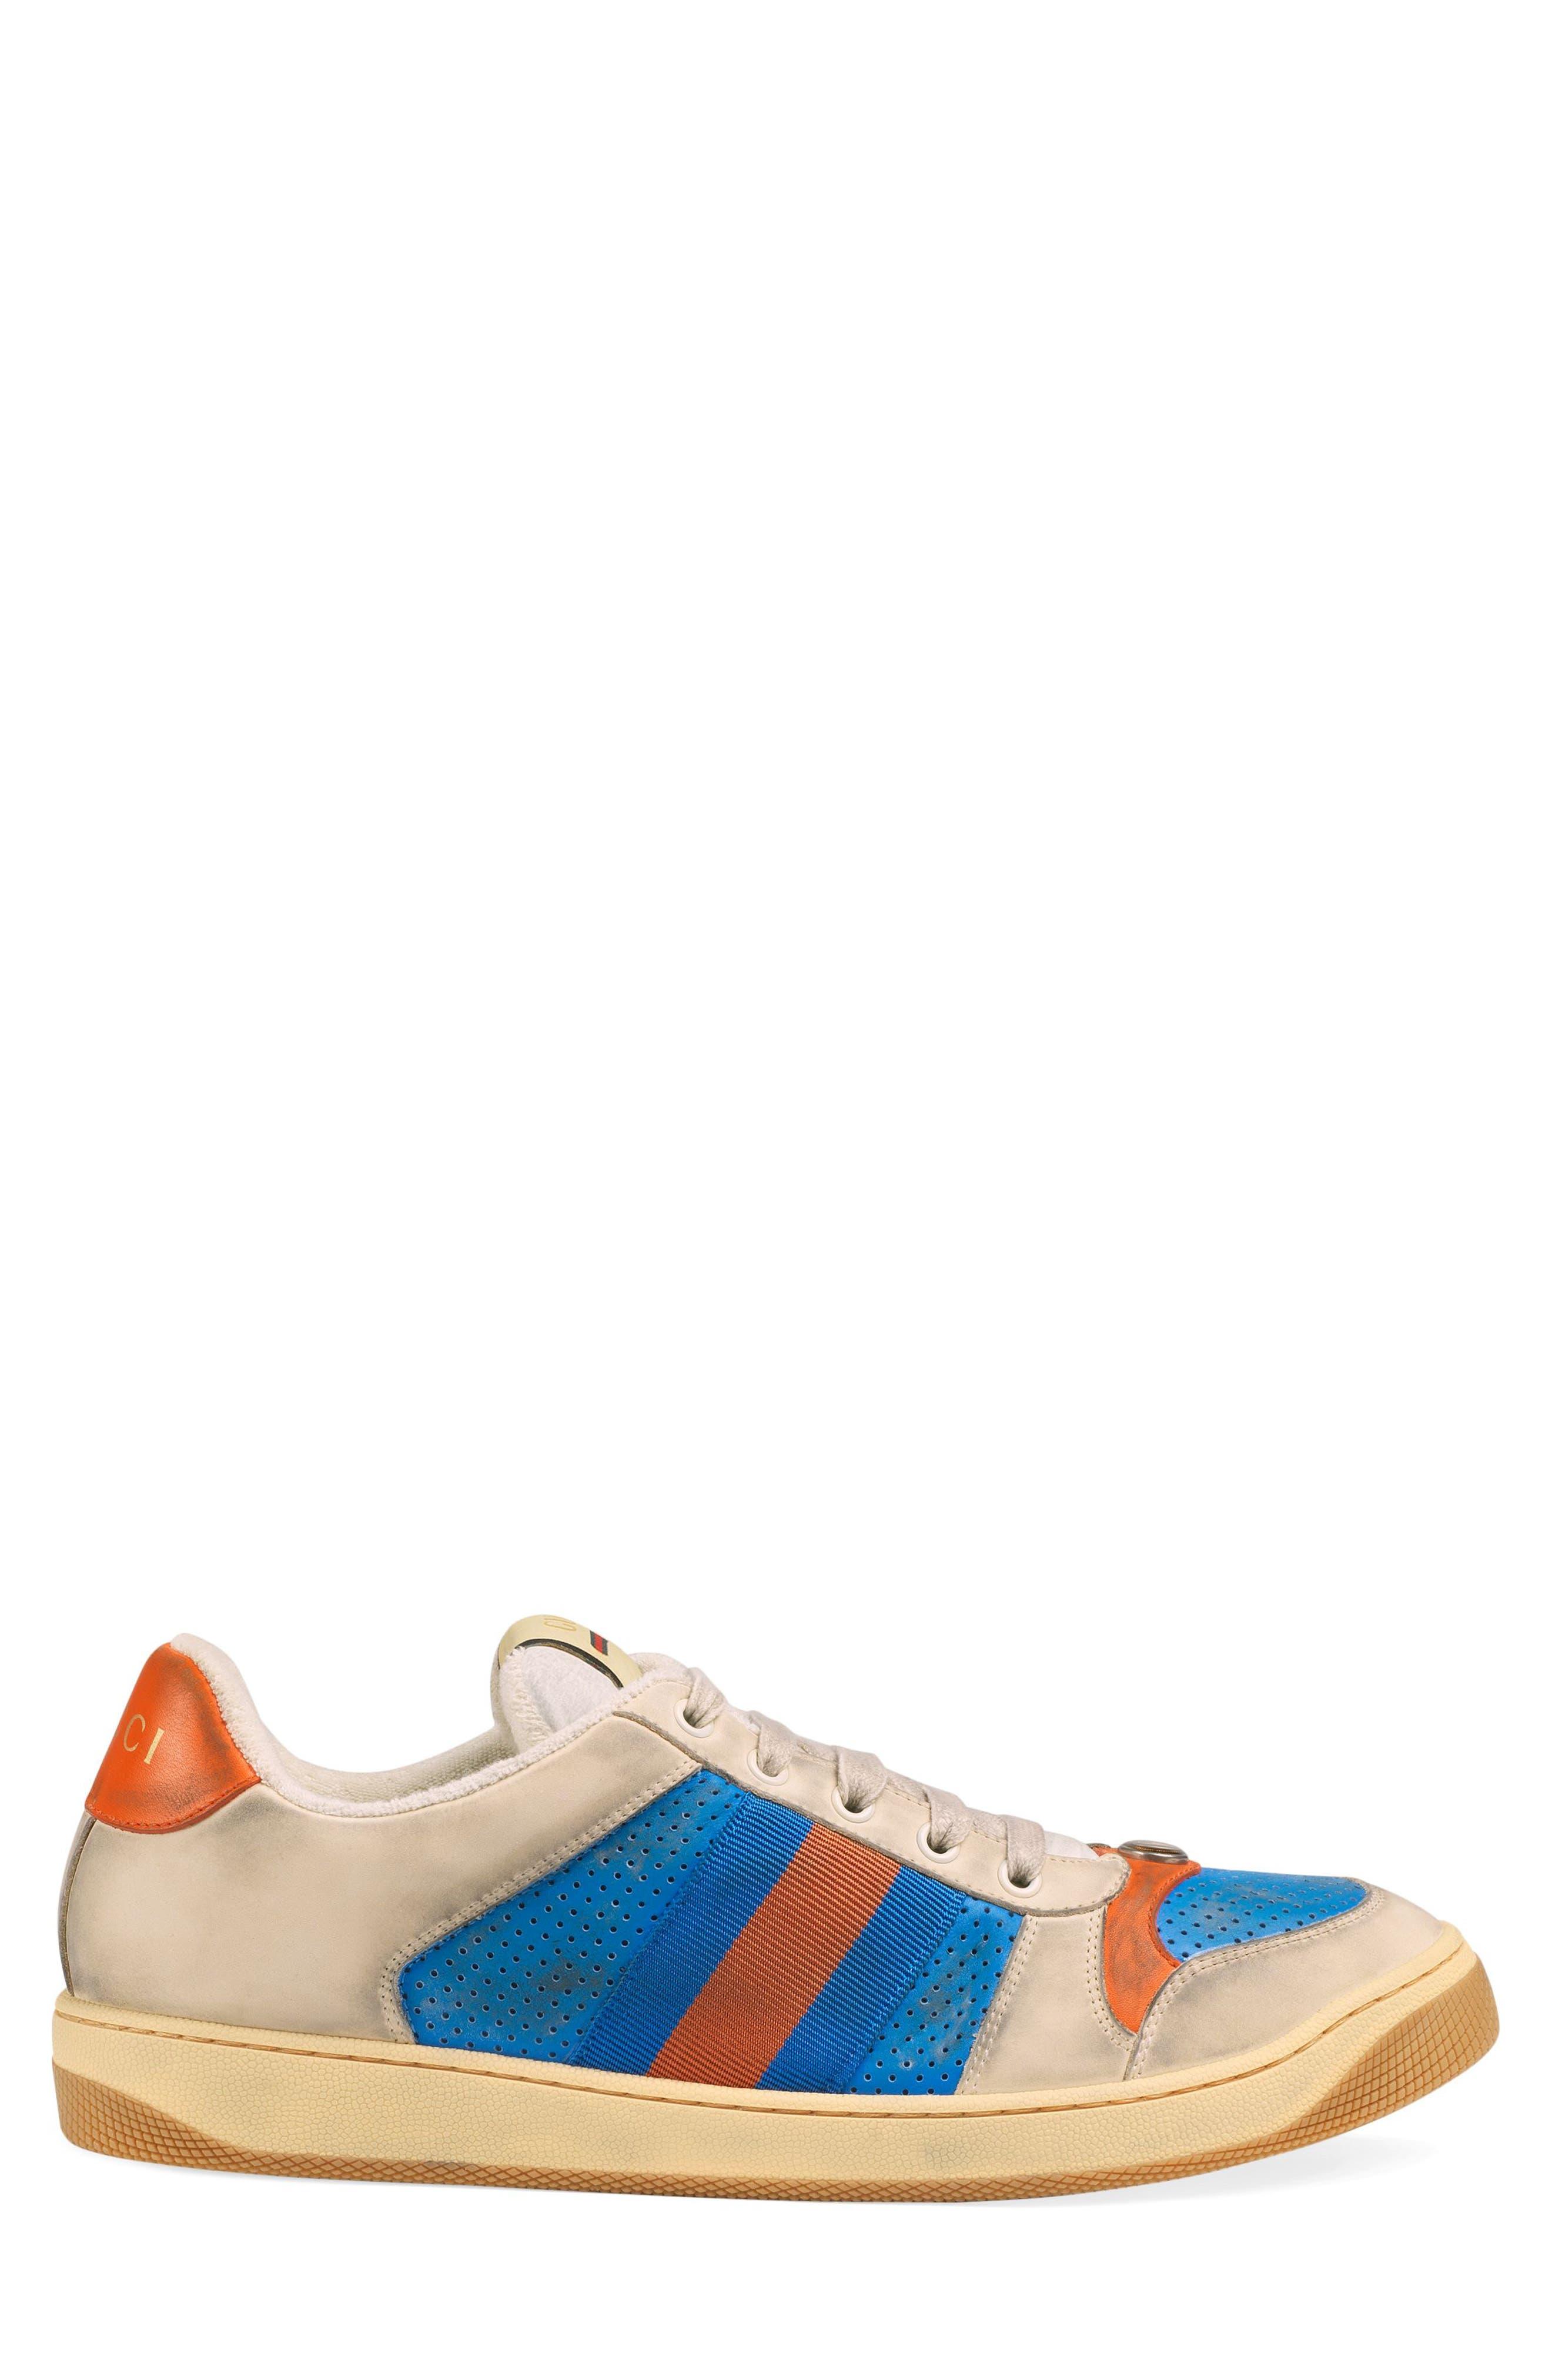 GUCCI, Screener Low Top Sneaker, Alternate thumbnail 2, color, BLUE/ CAMEL